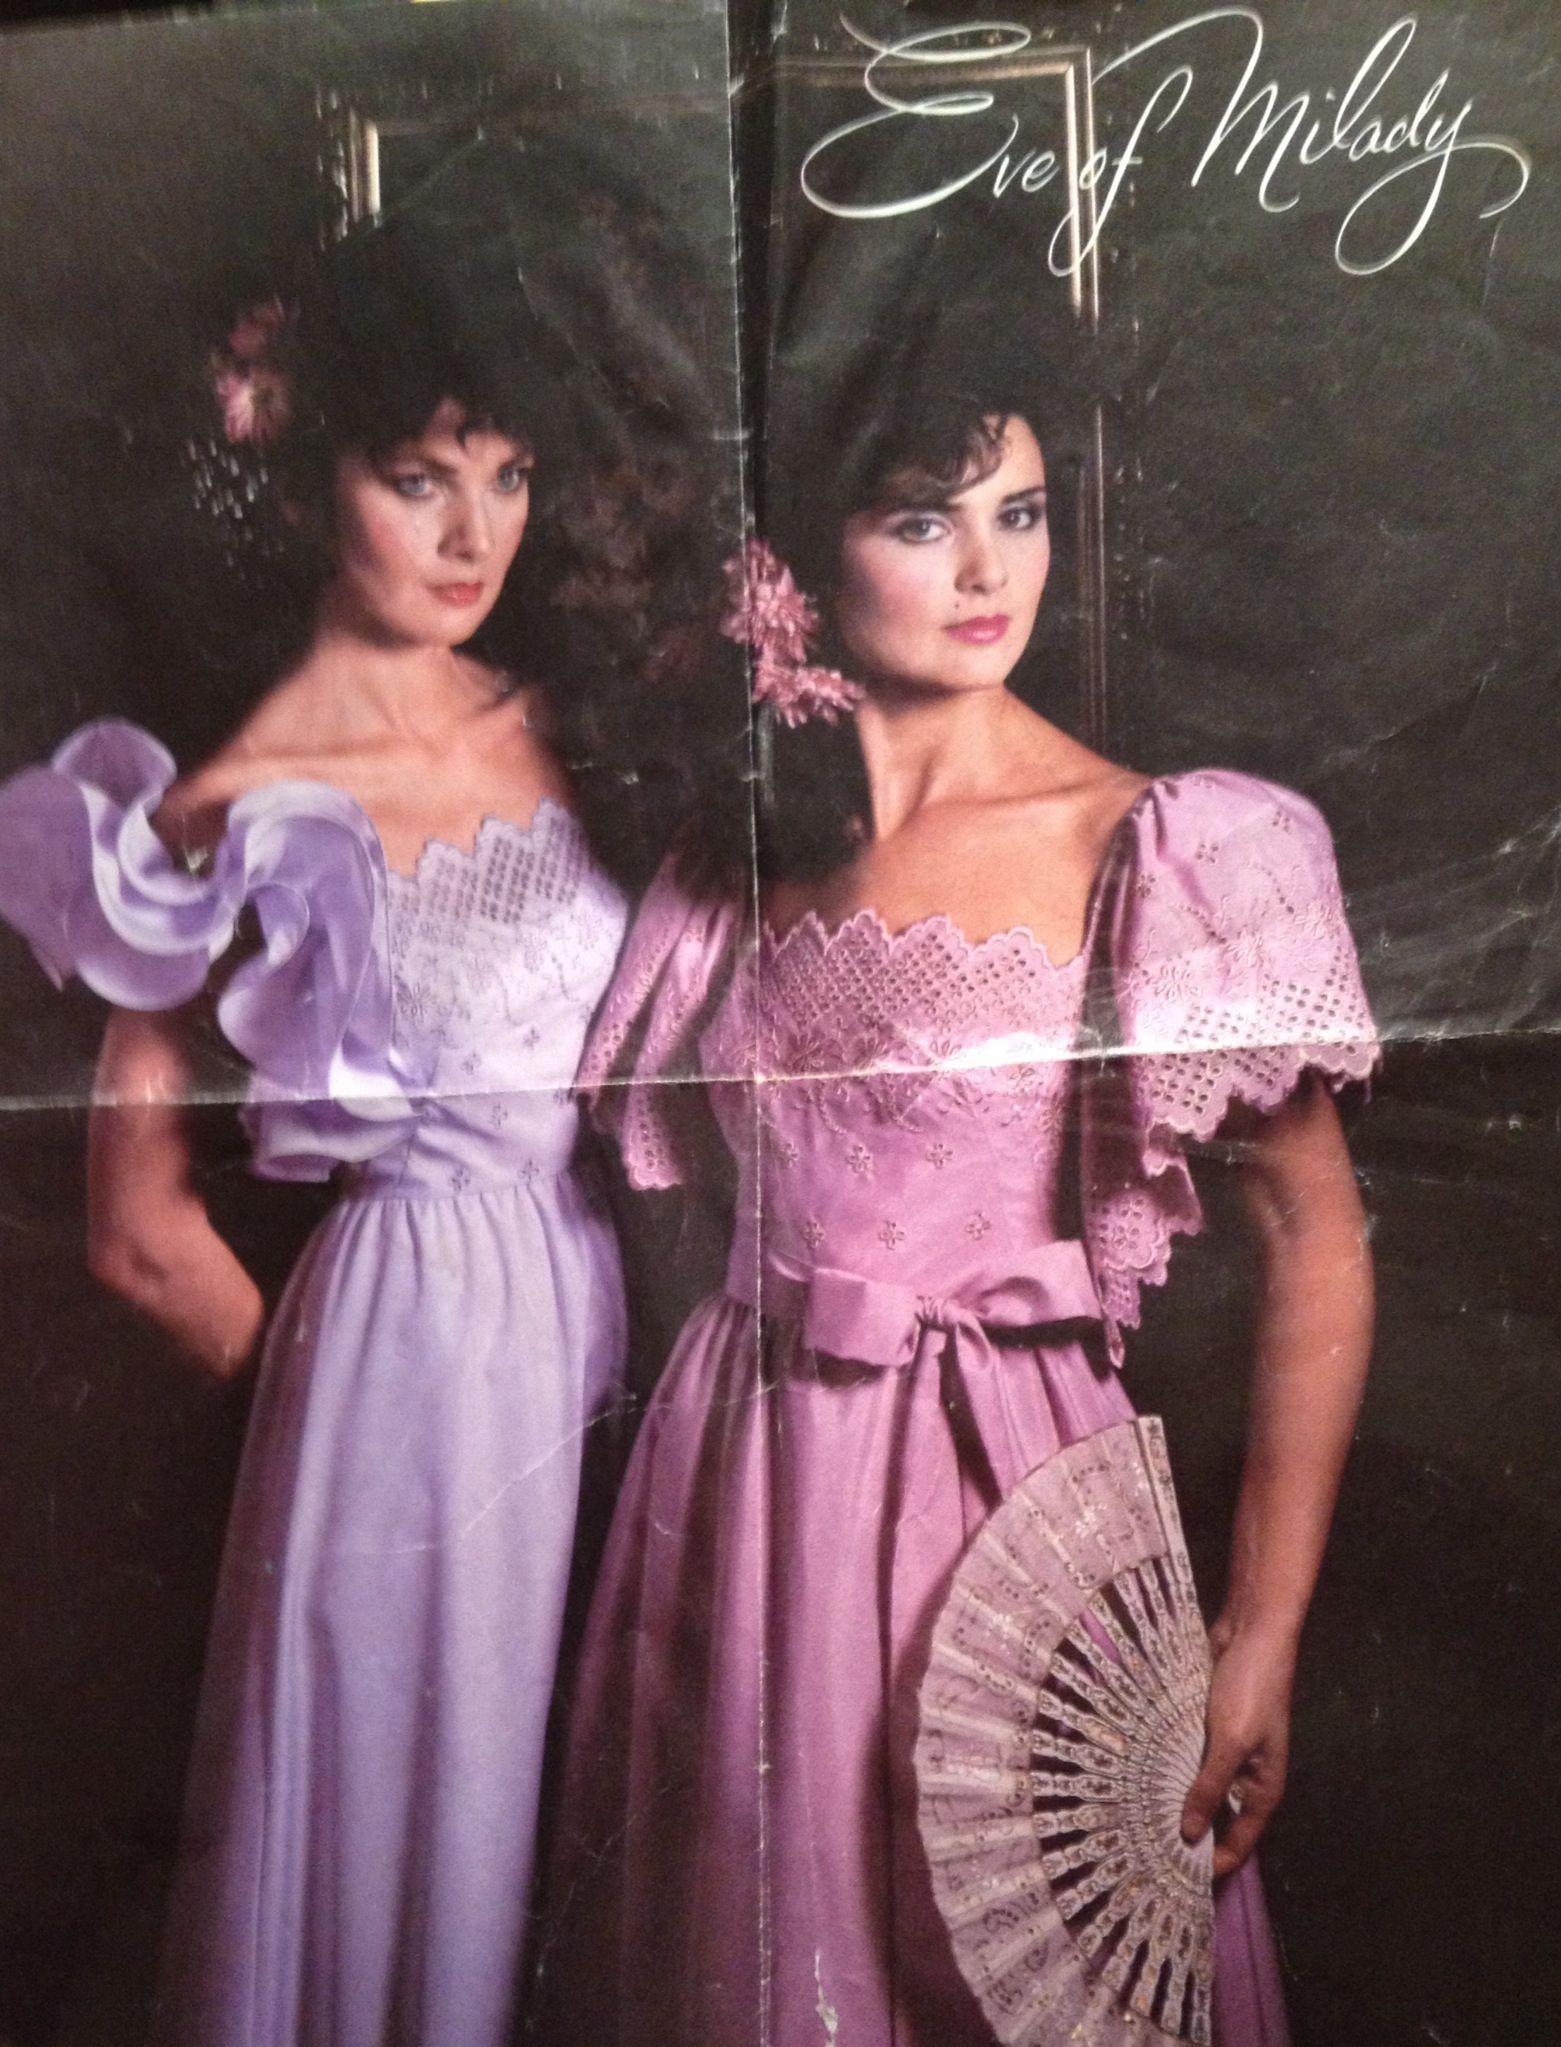 Único Eve Of Milady Wedding Dresses Bosquejo - Colección de Vestidos ...